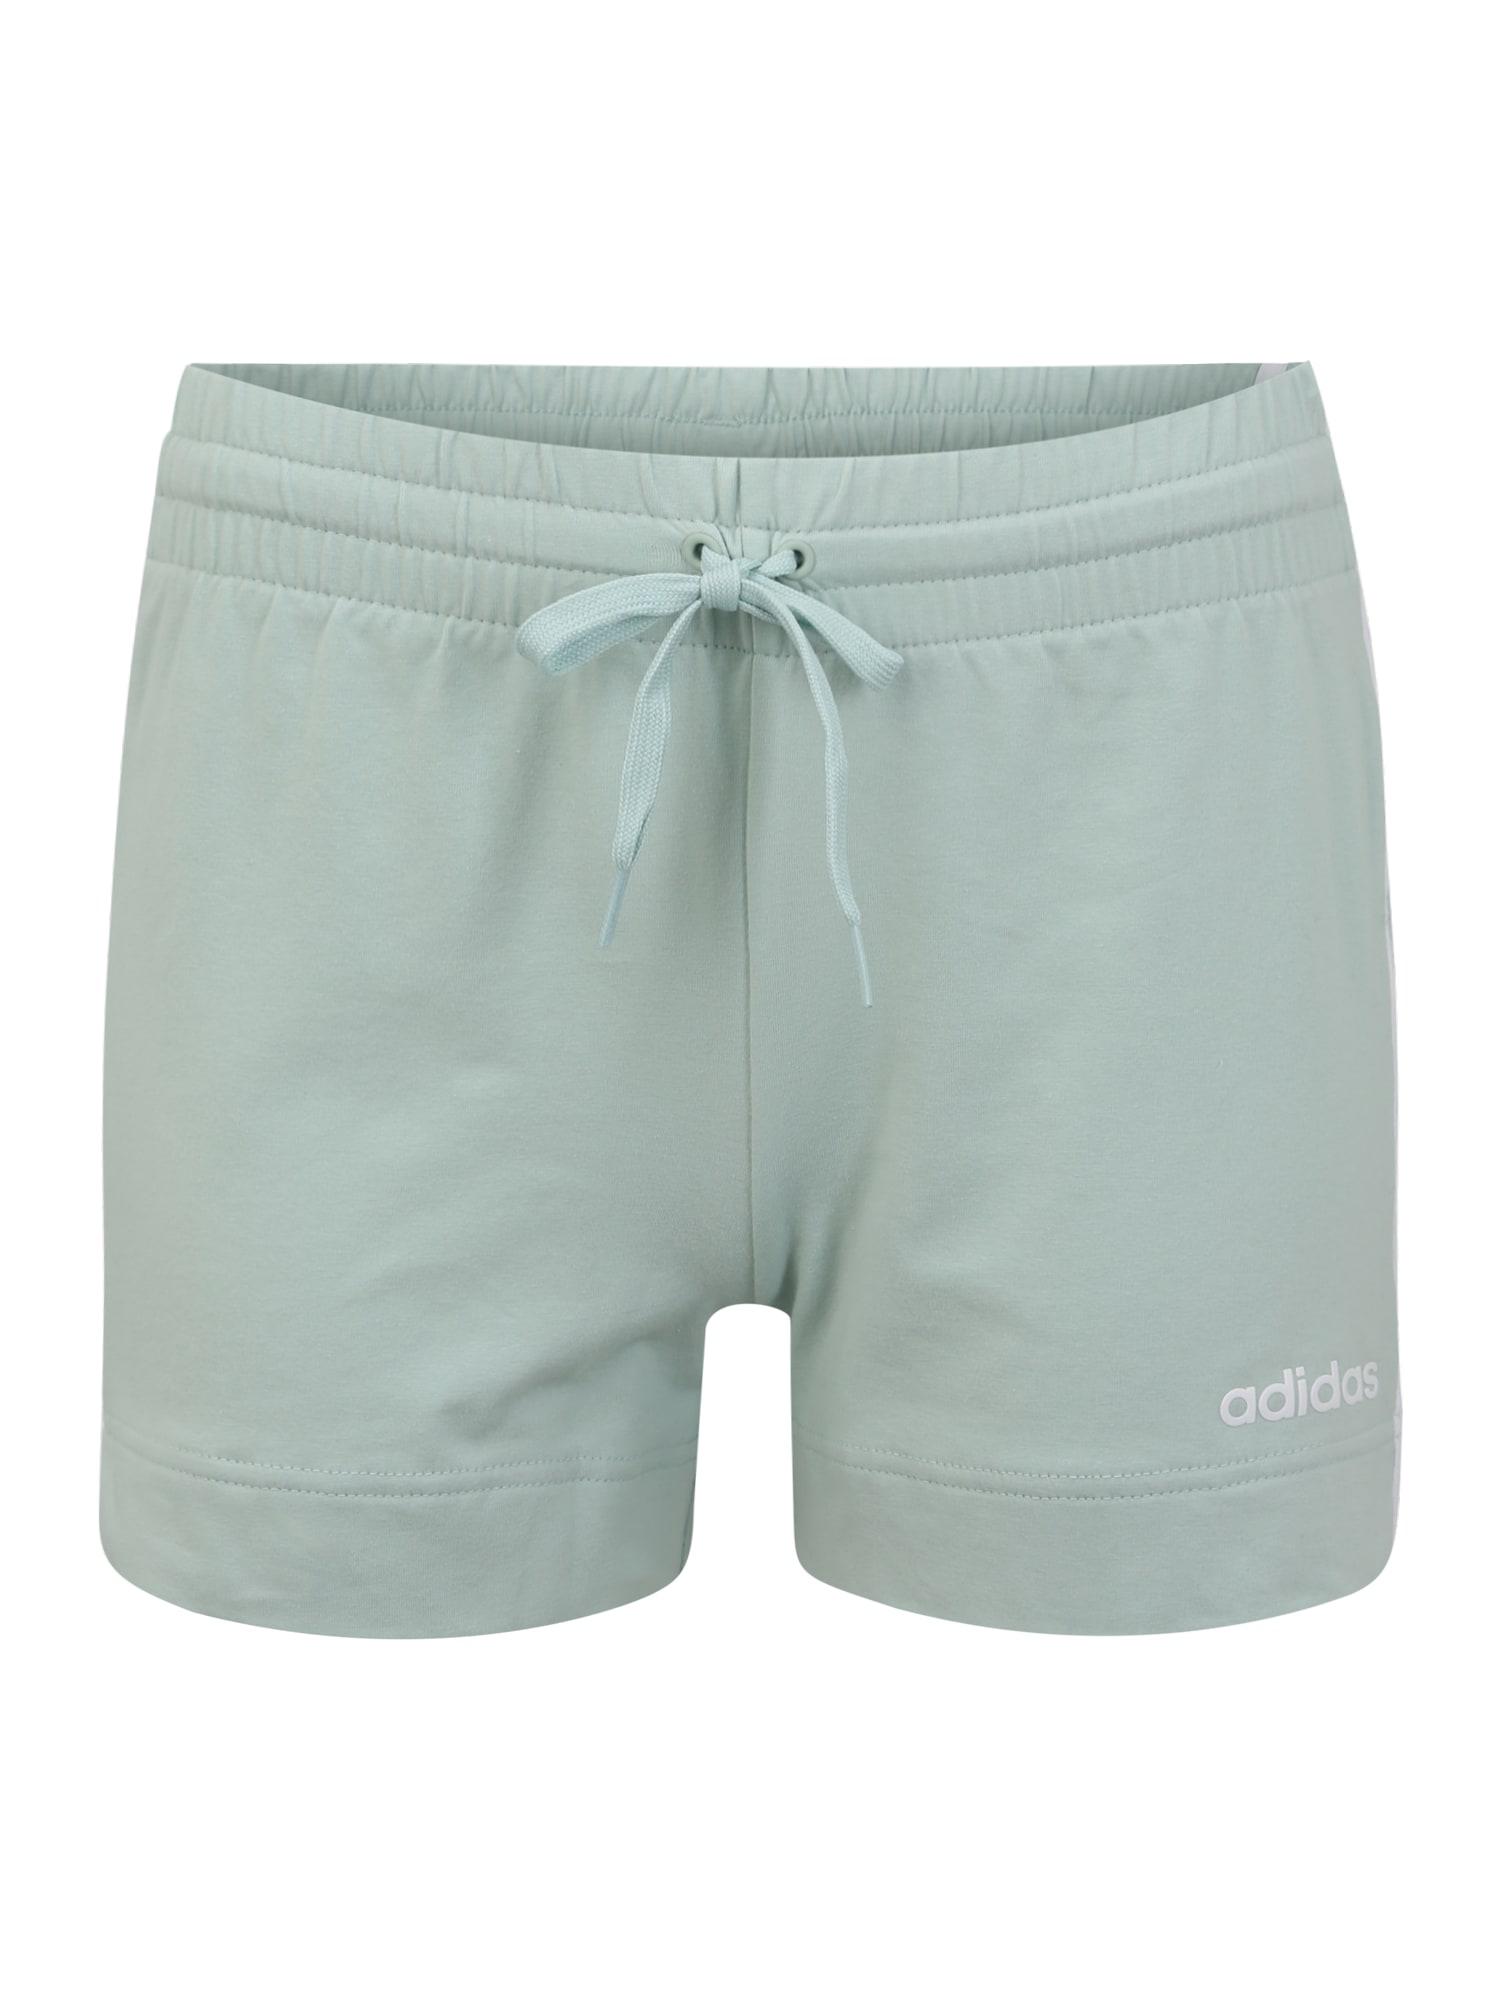 ADIDAS PERFORMANCE Sportinės kelnės 'W E 3S' balta / mėtų spalva